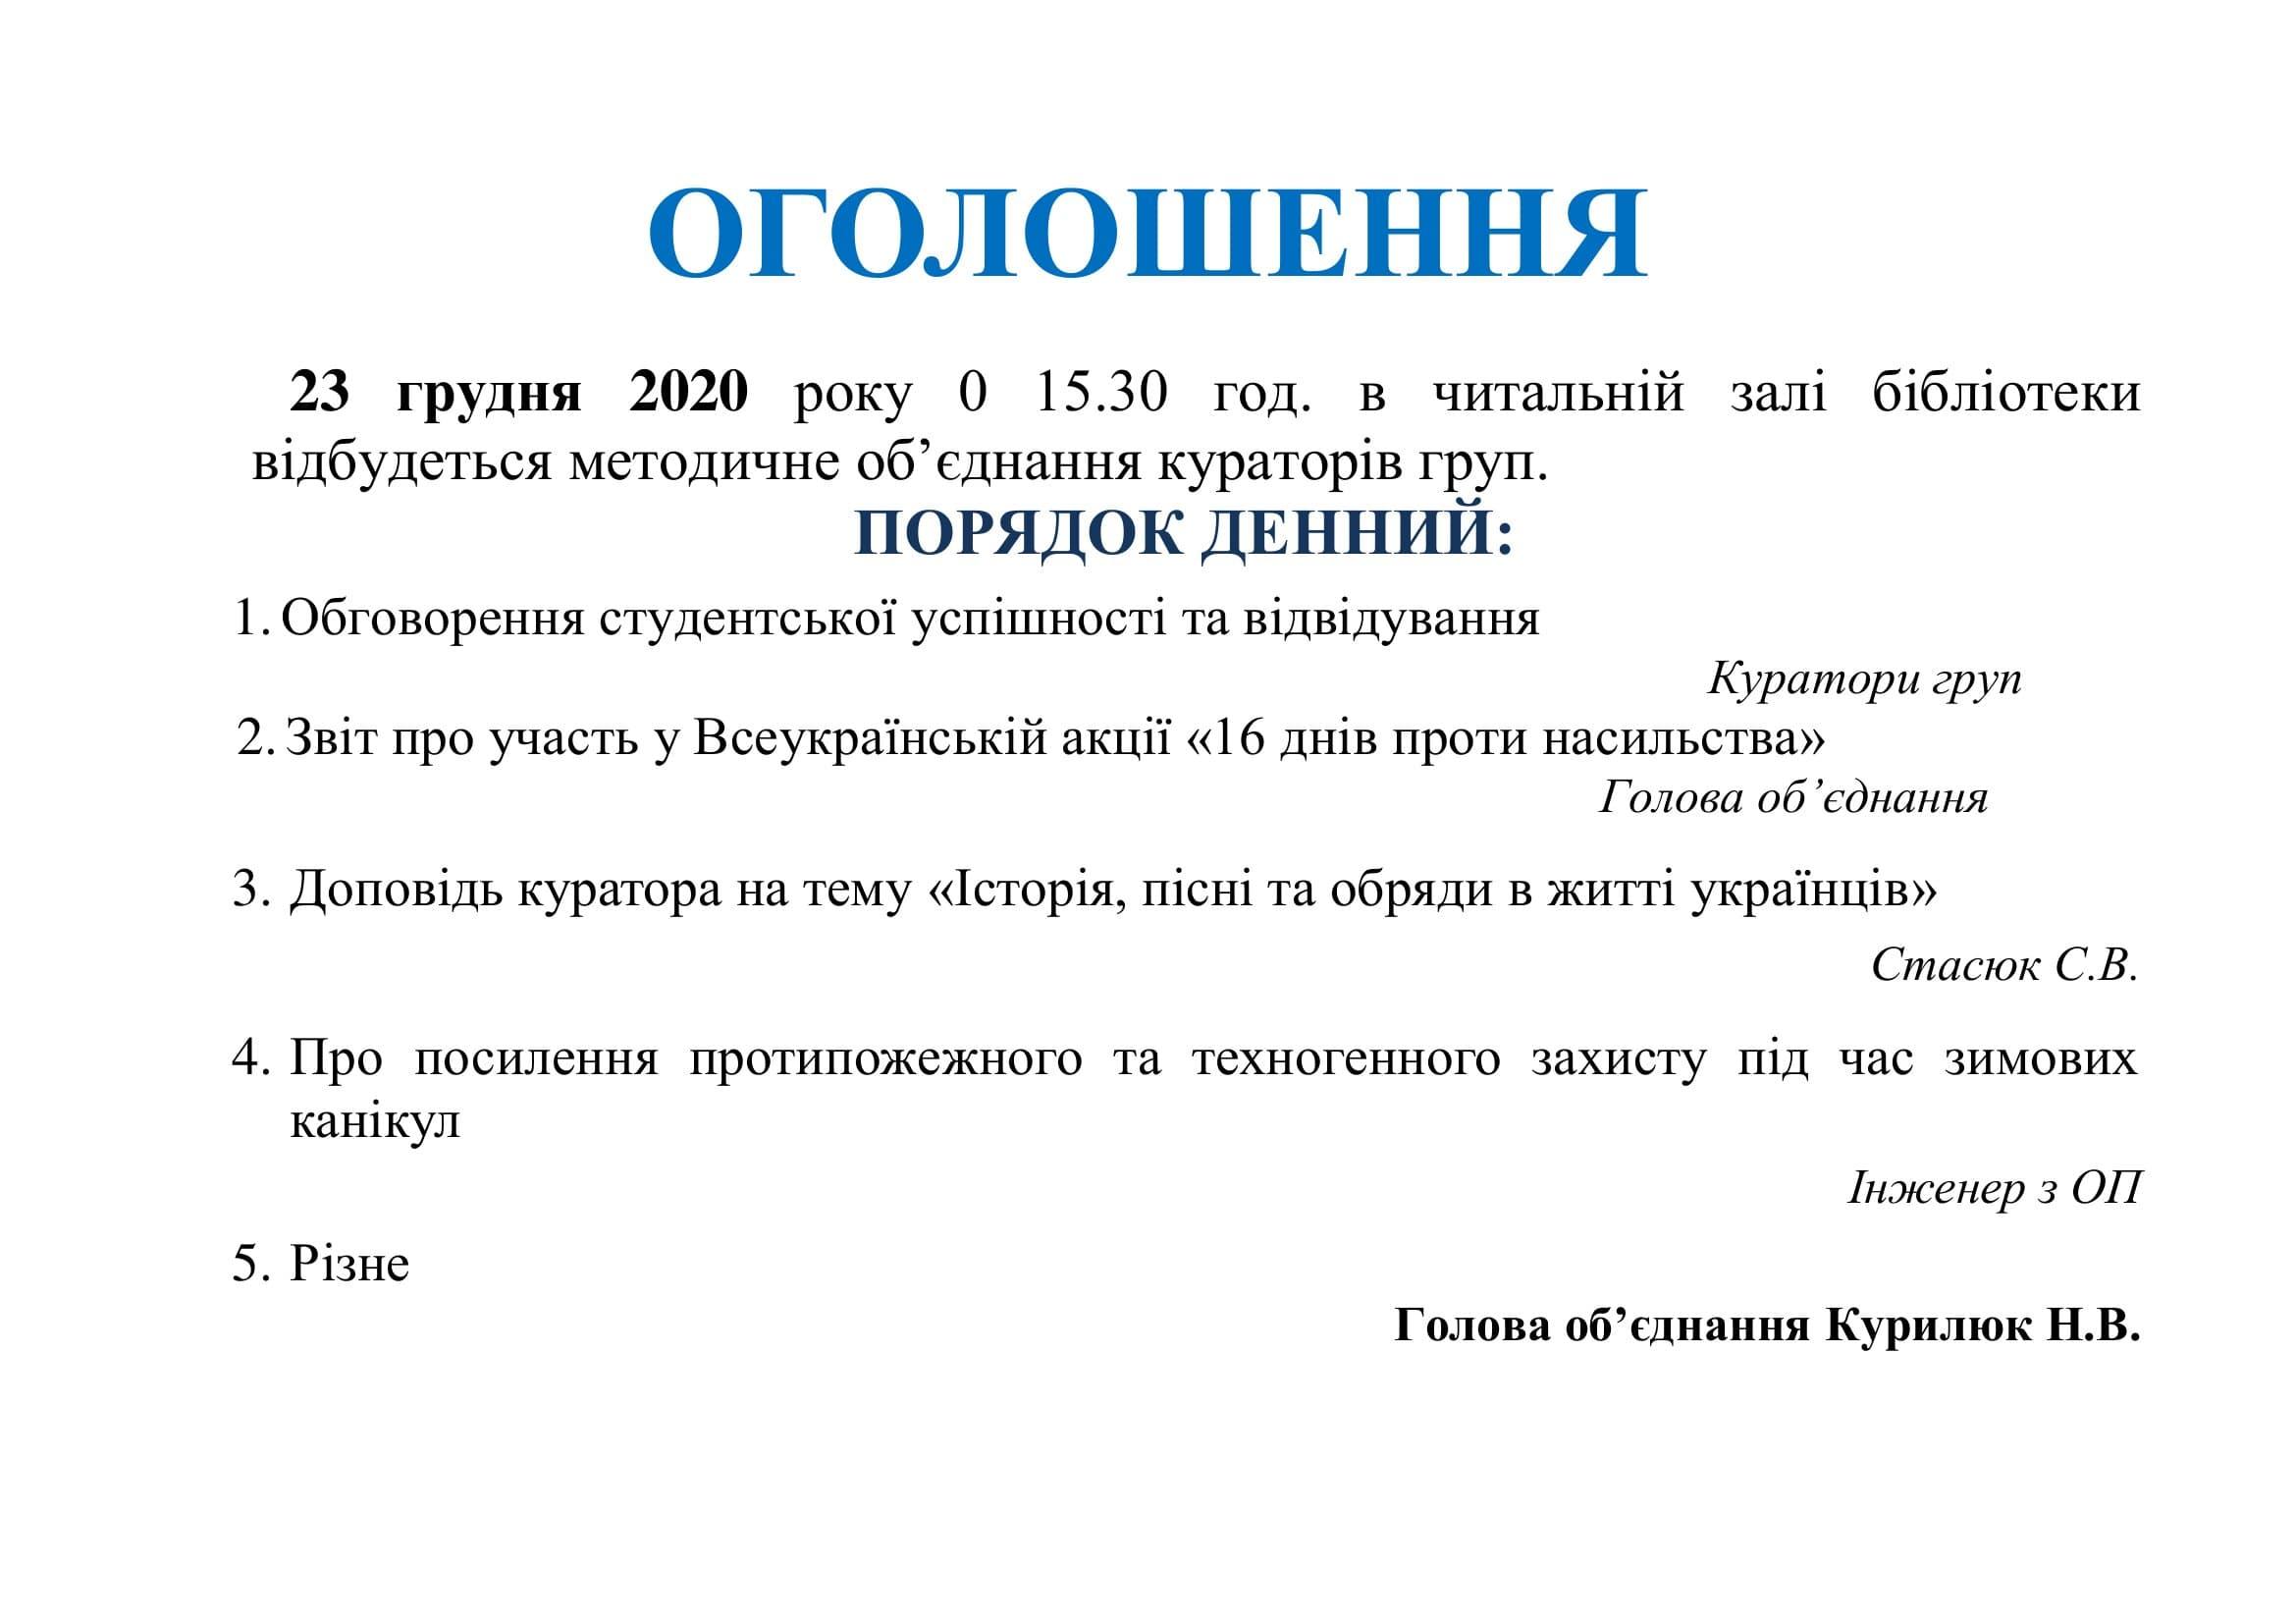 ОГОЛОШЕННЯ_1608618775